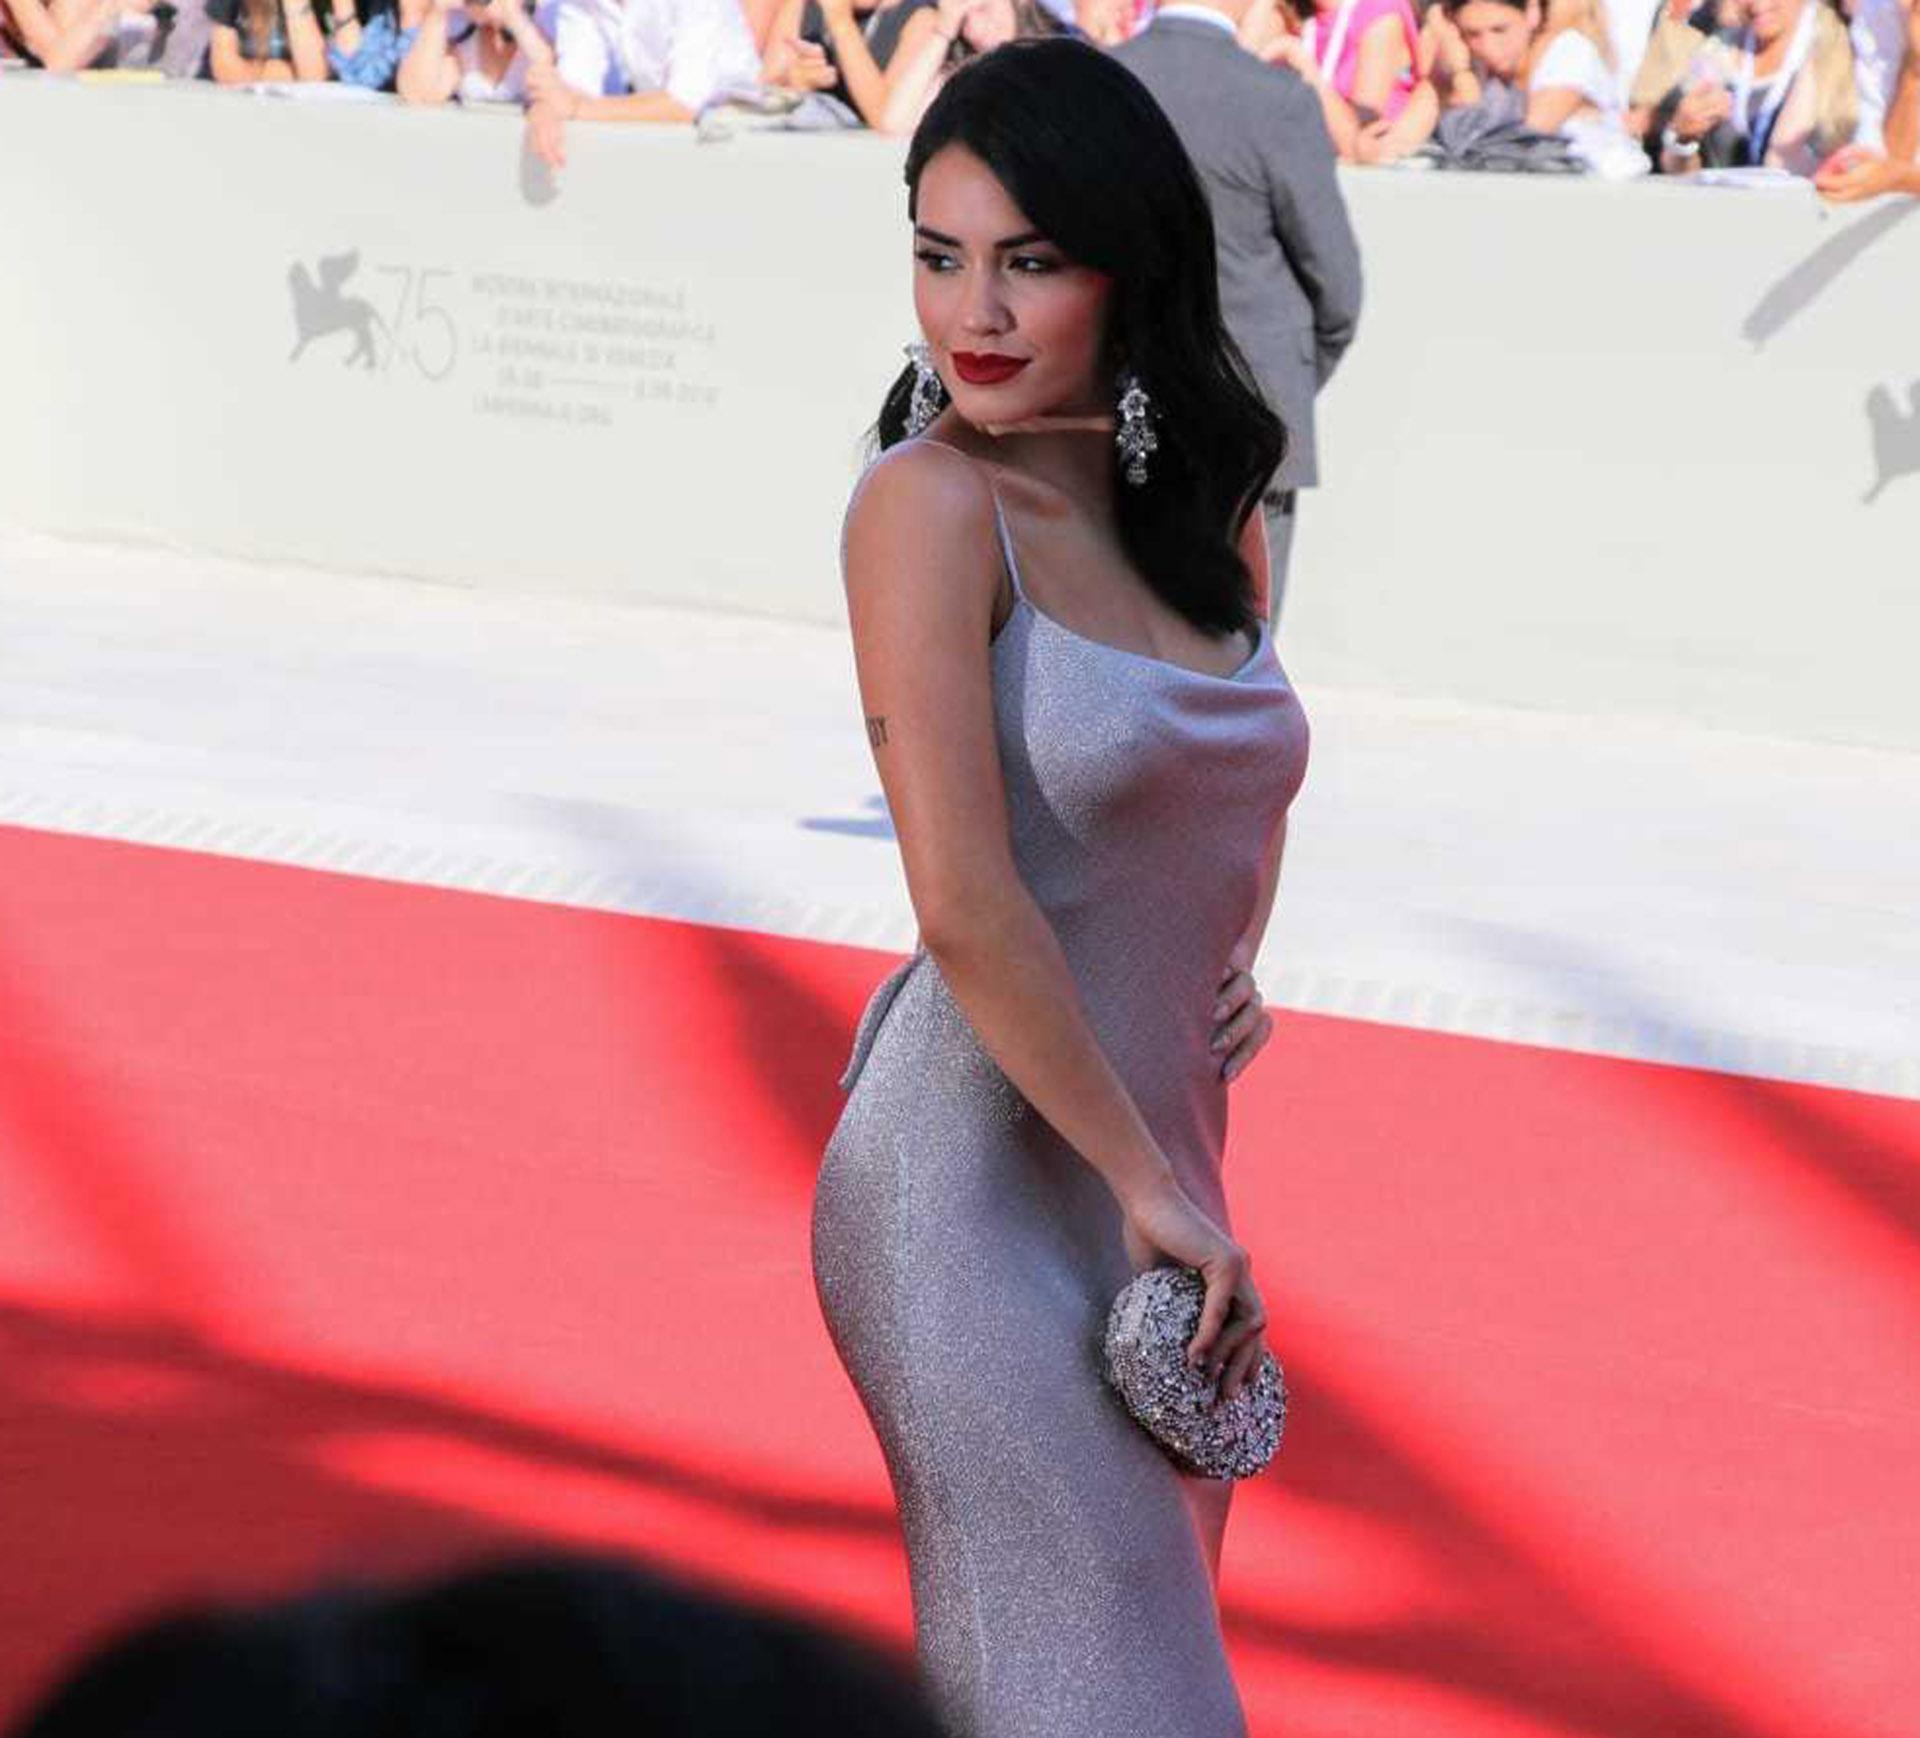 """Lalil Espósito desplegó toda su sensualidad en el Festival de Venecia, donde presentó """"Acusada"""", la única película argentina elegida para competir por el León de Oro"""